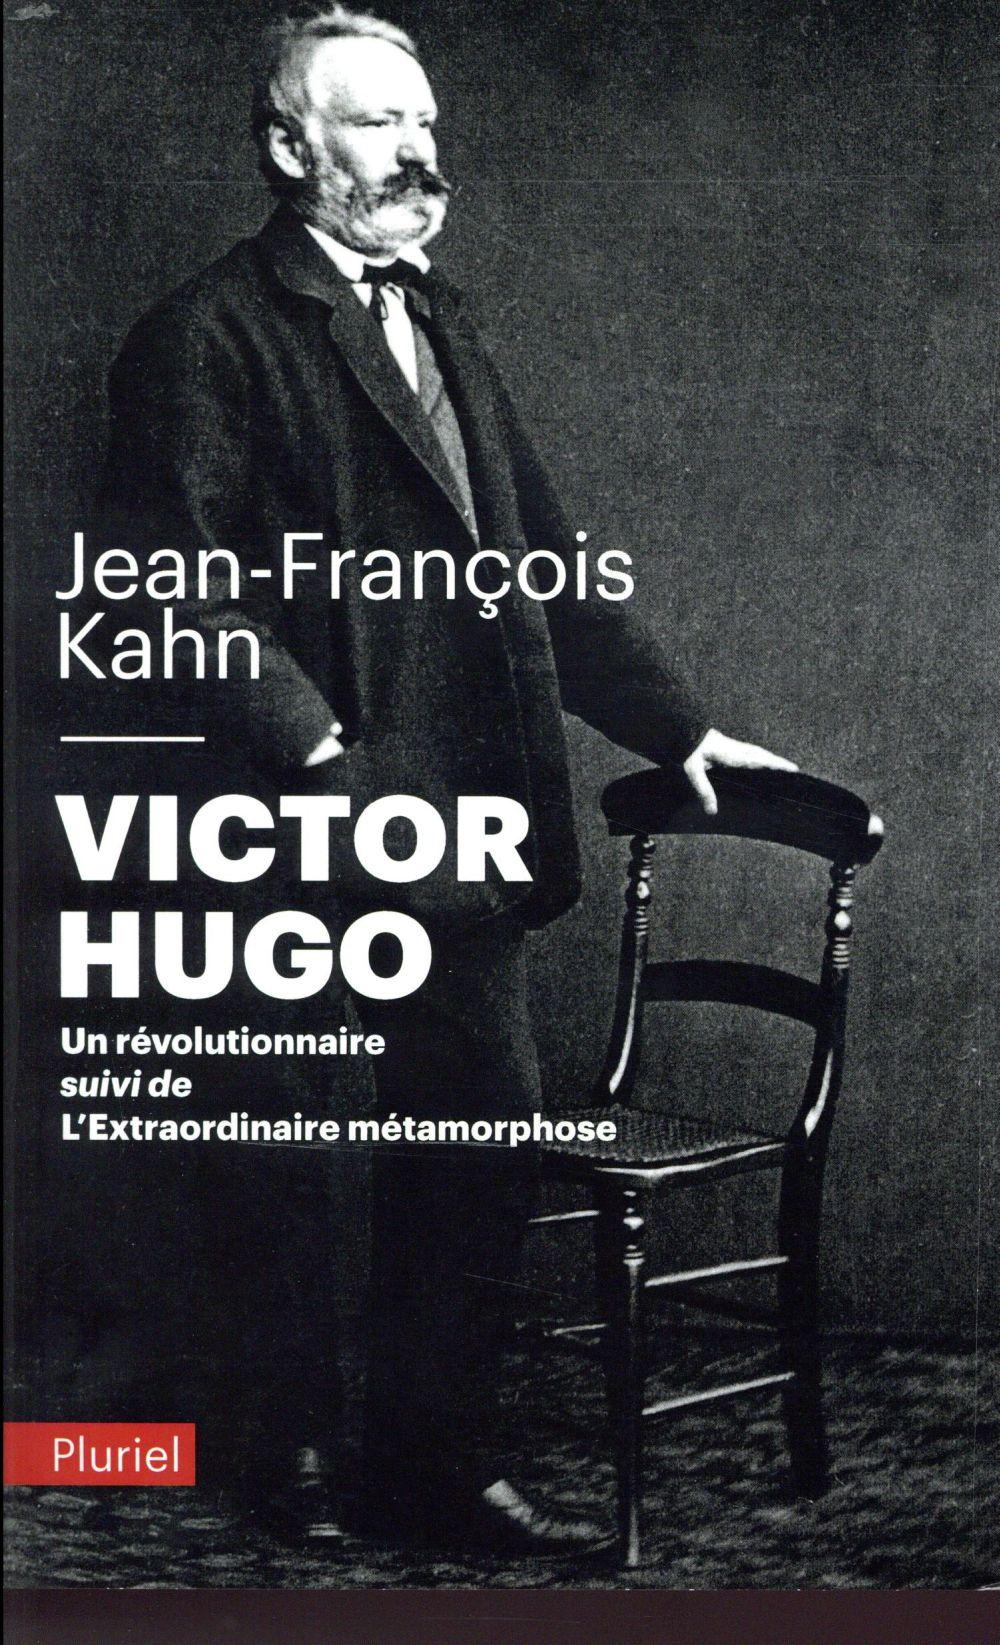 Victor Hugo, un révolutionnaire